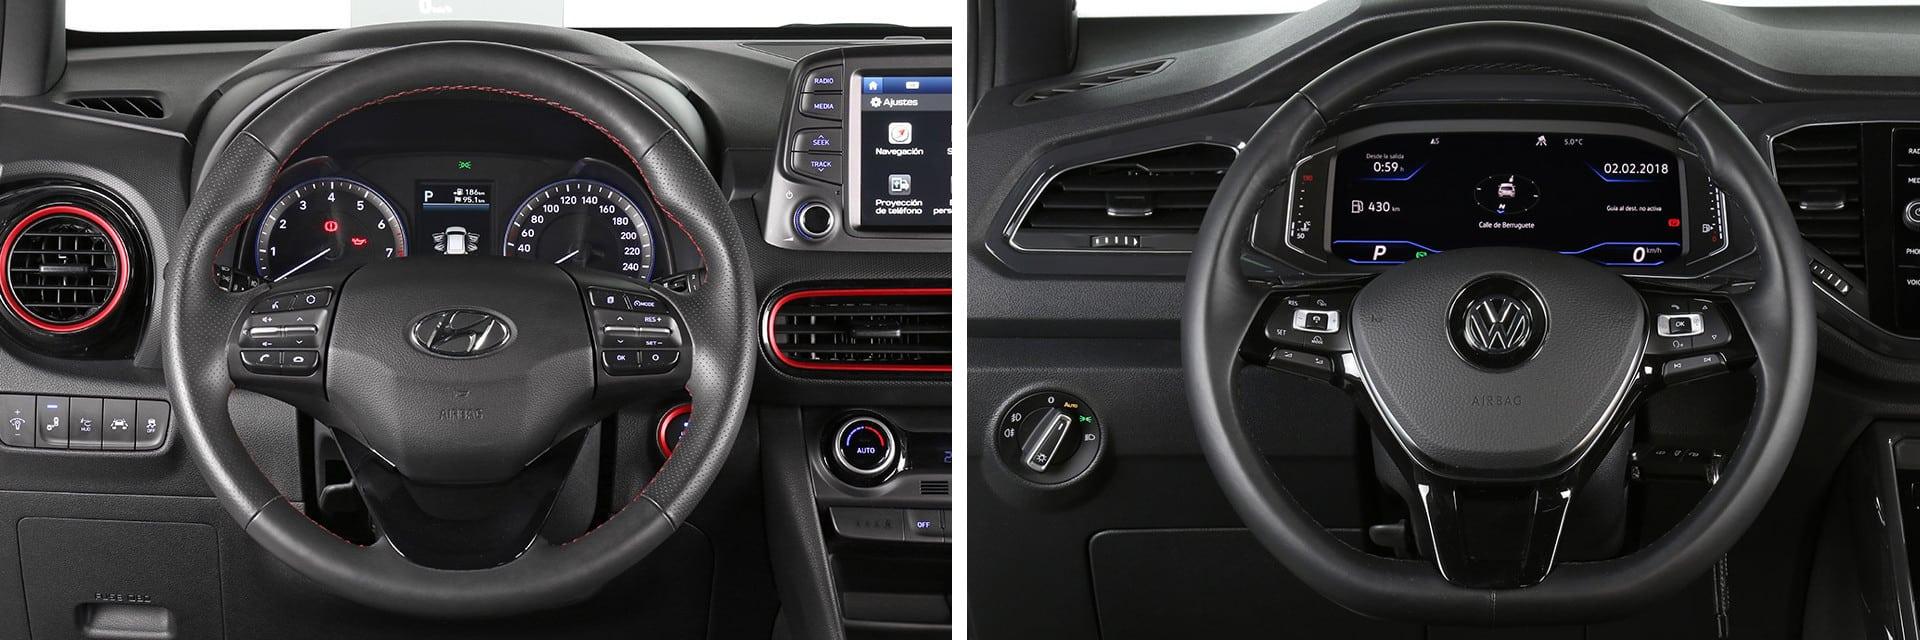 El volante del Kona (izq.) puede ser calefactado, mientras que el T-Roc (dcha.) no lo tiene ni como opción.